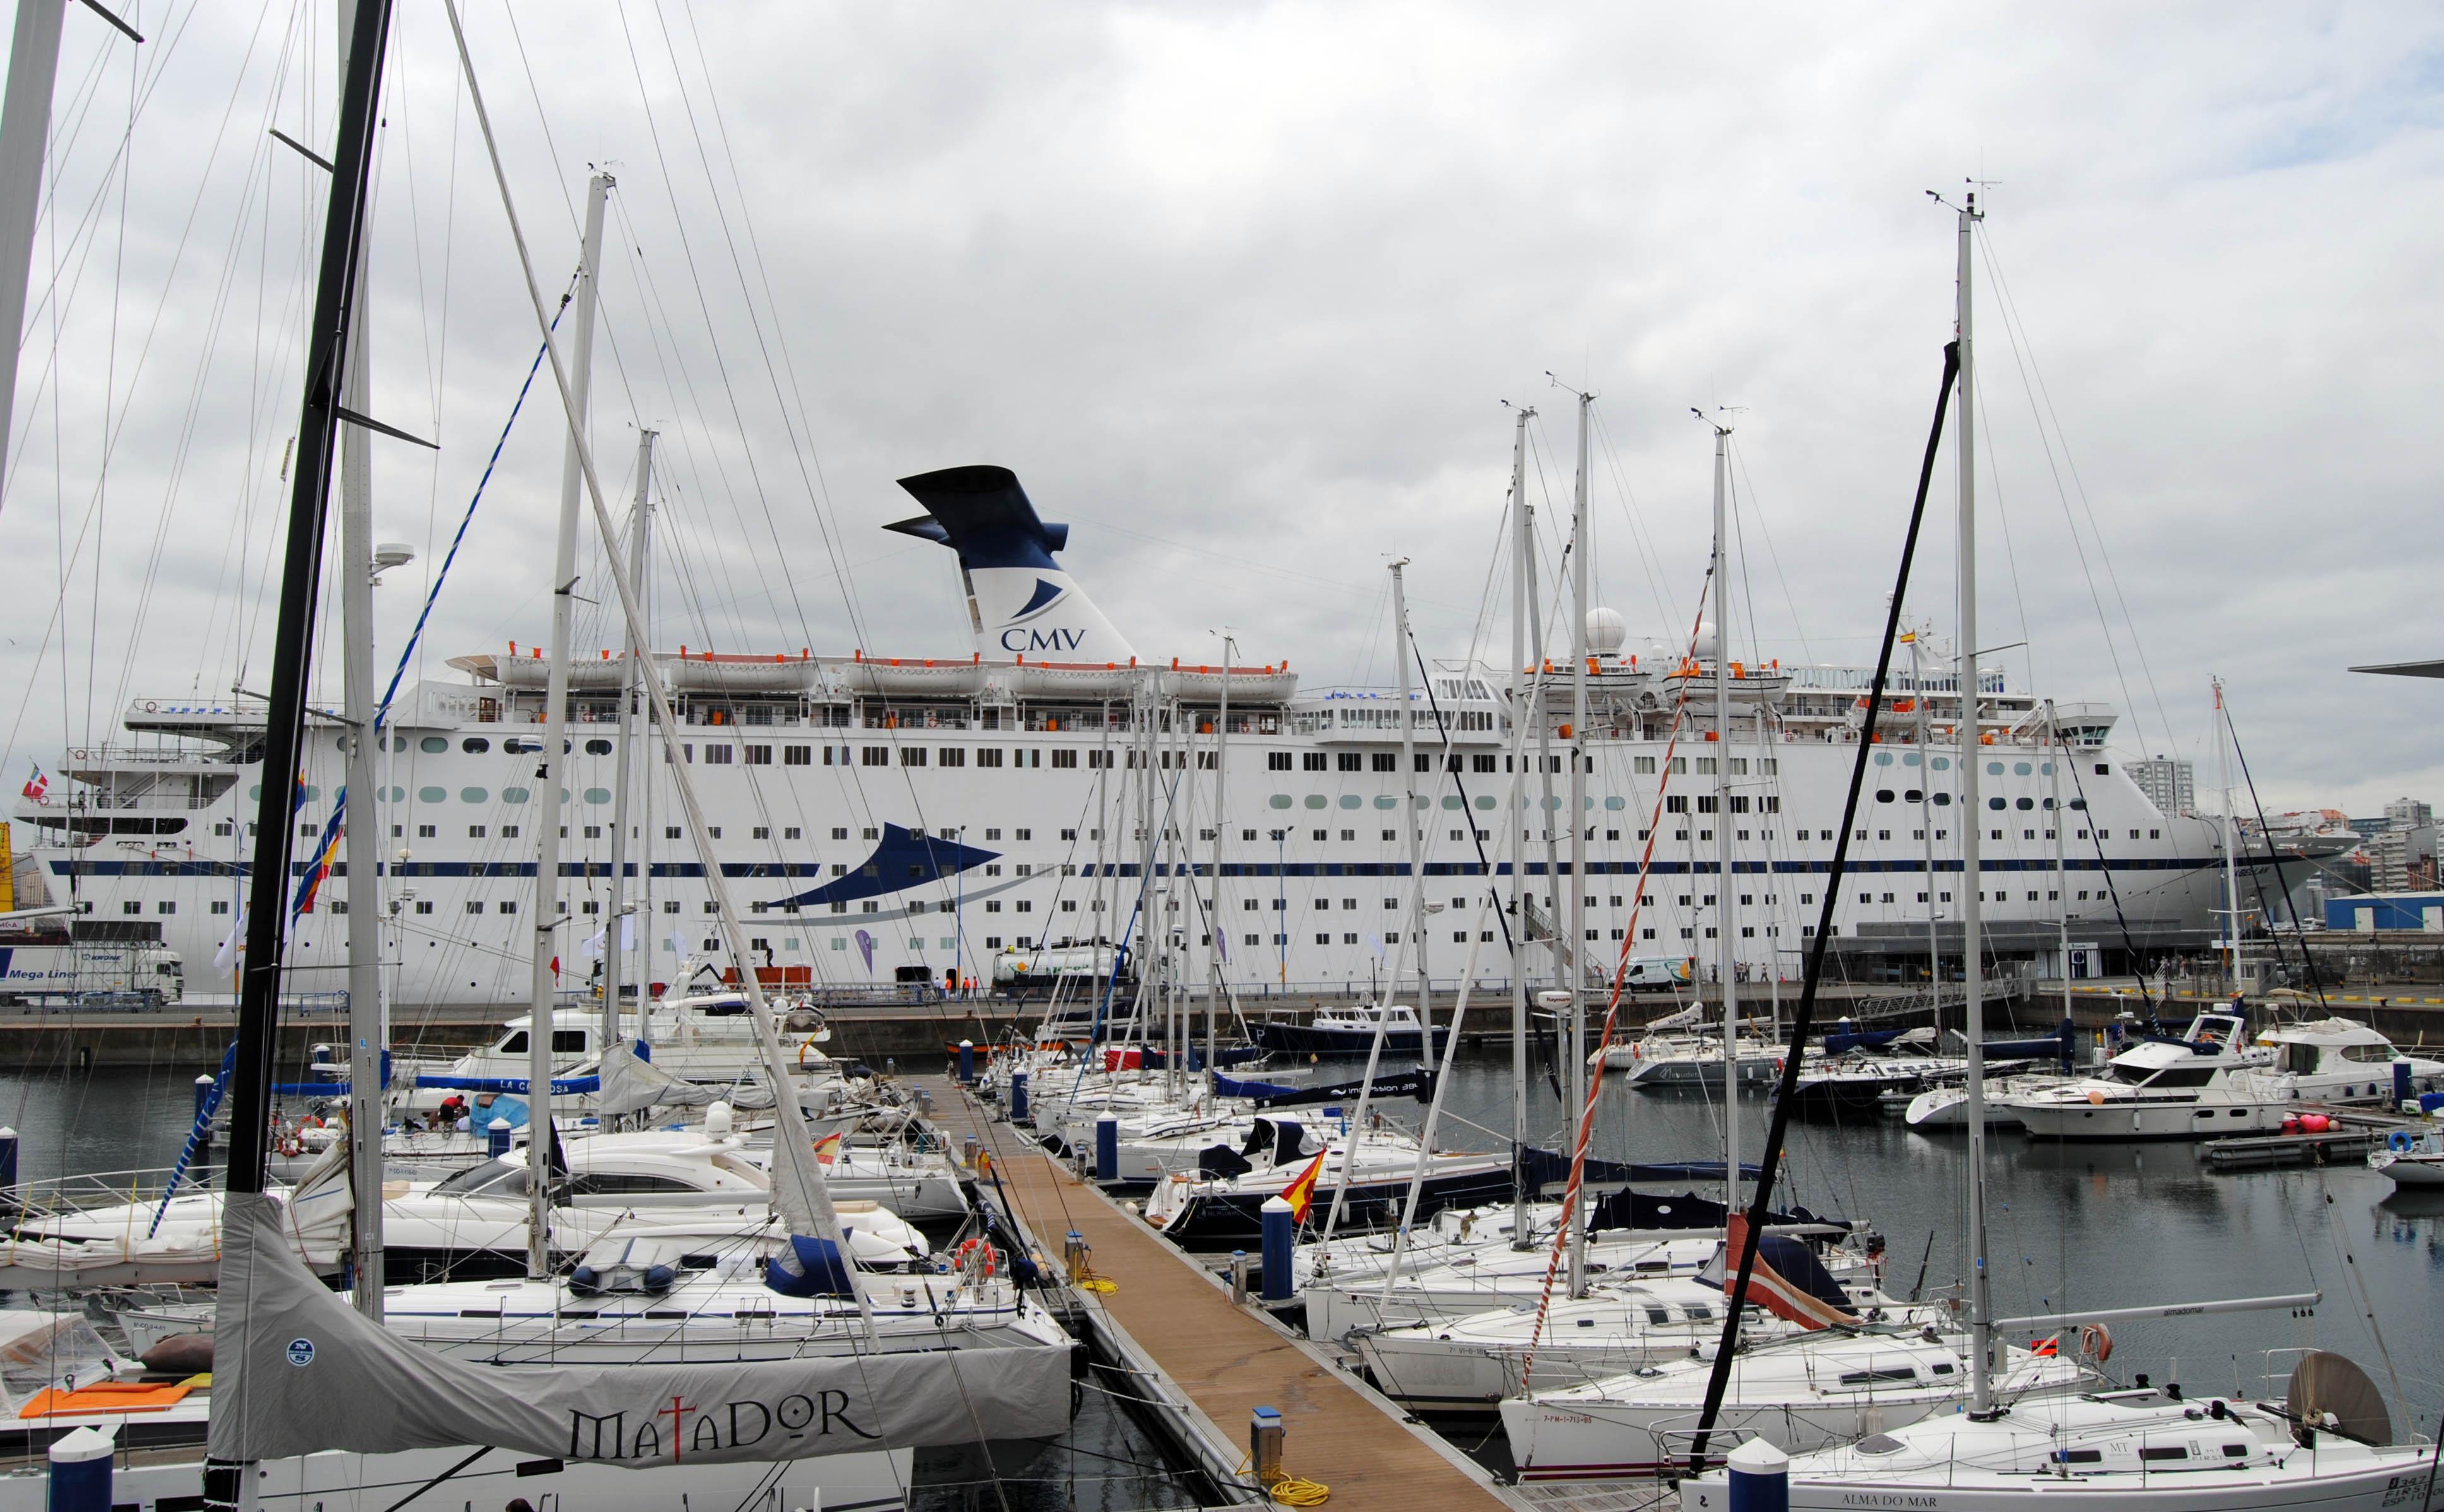 El tráfico de cruceros en el puerto de A Coruña se incrementó en un 50% en el primer semestre de 2017